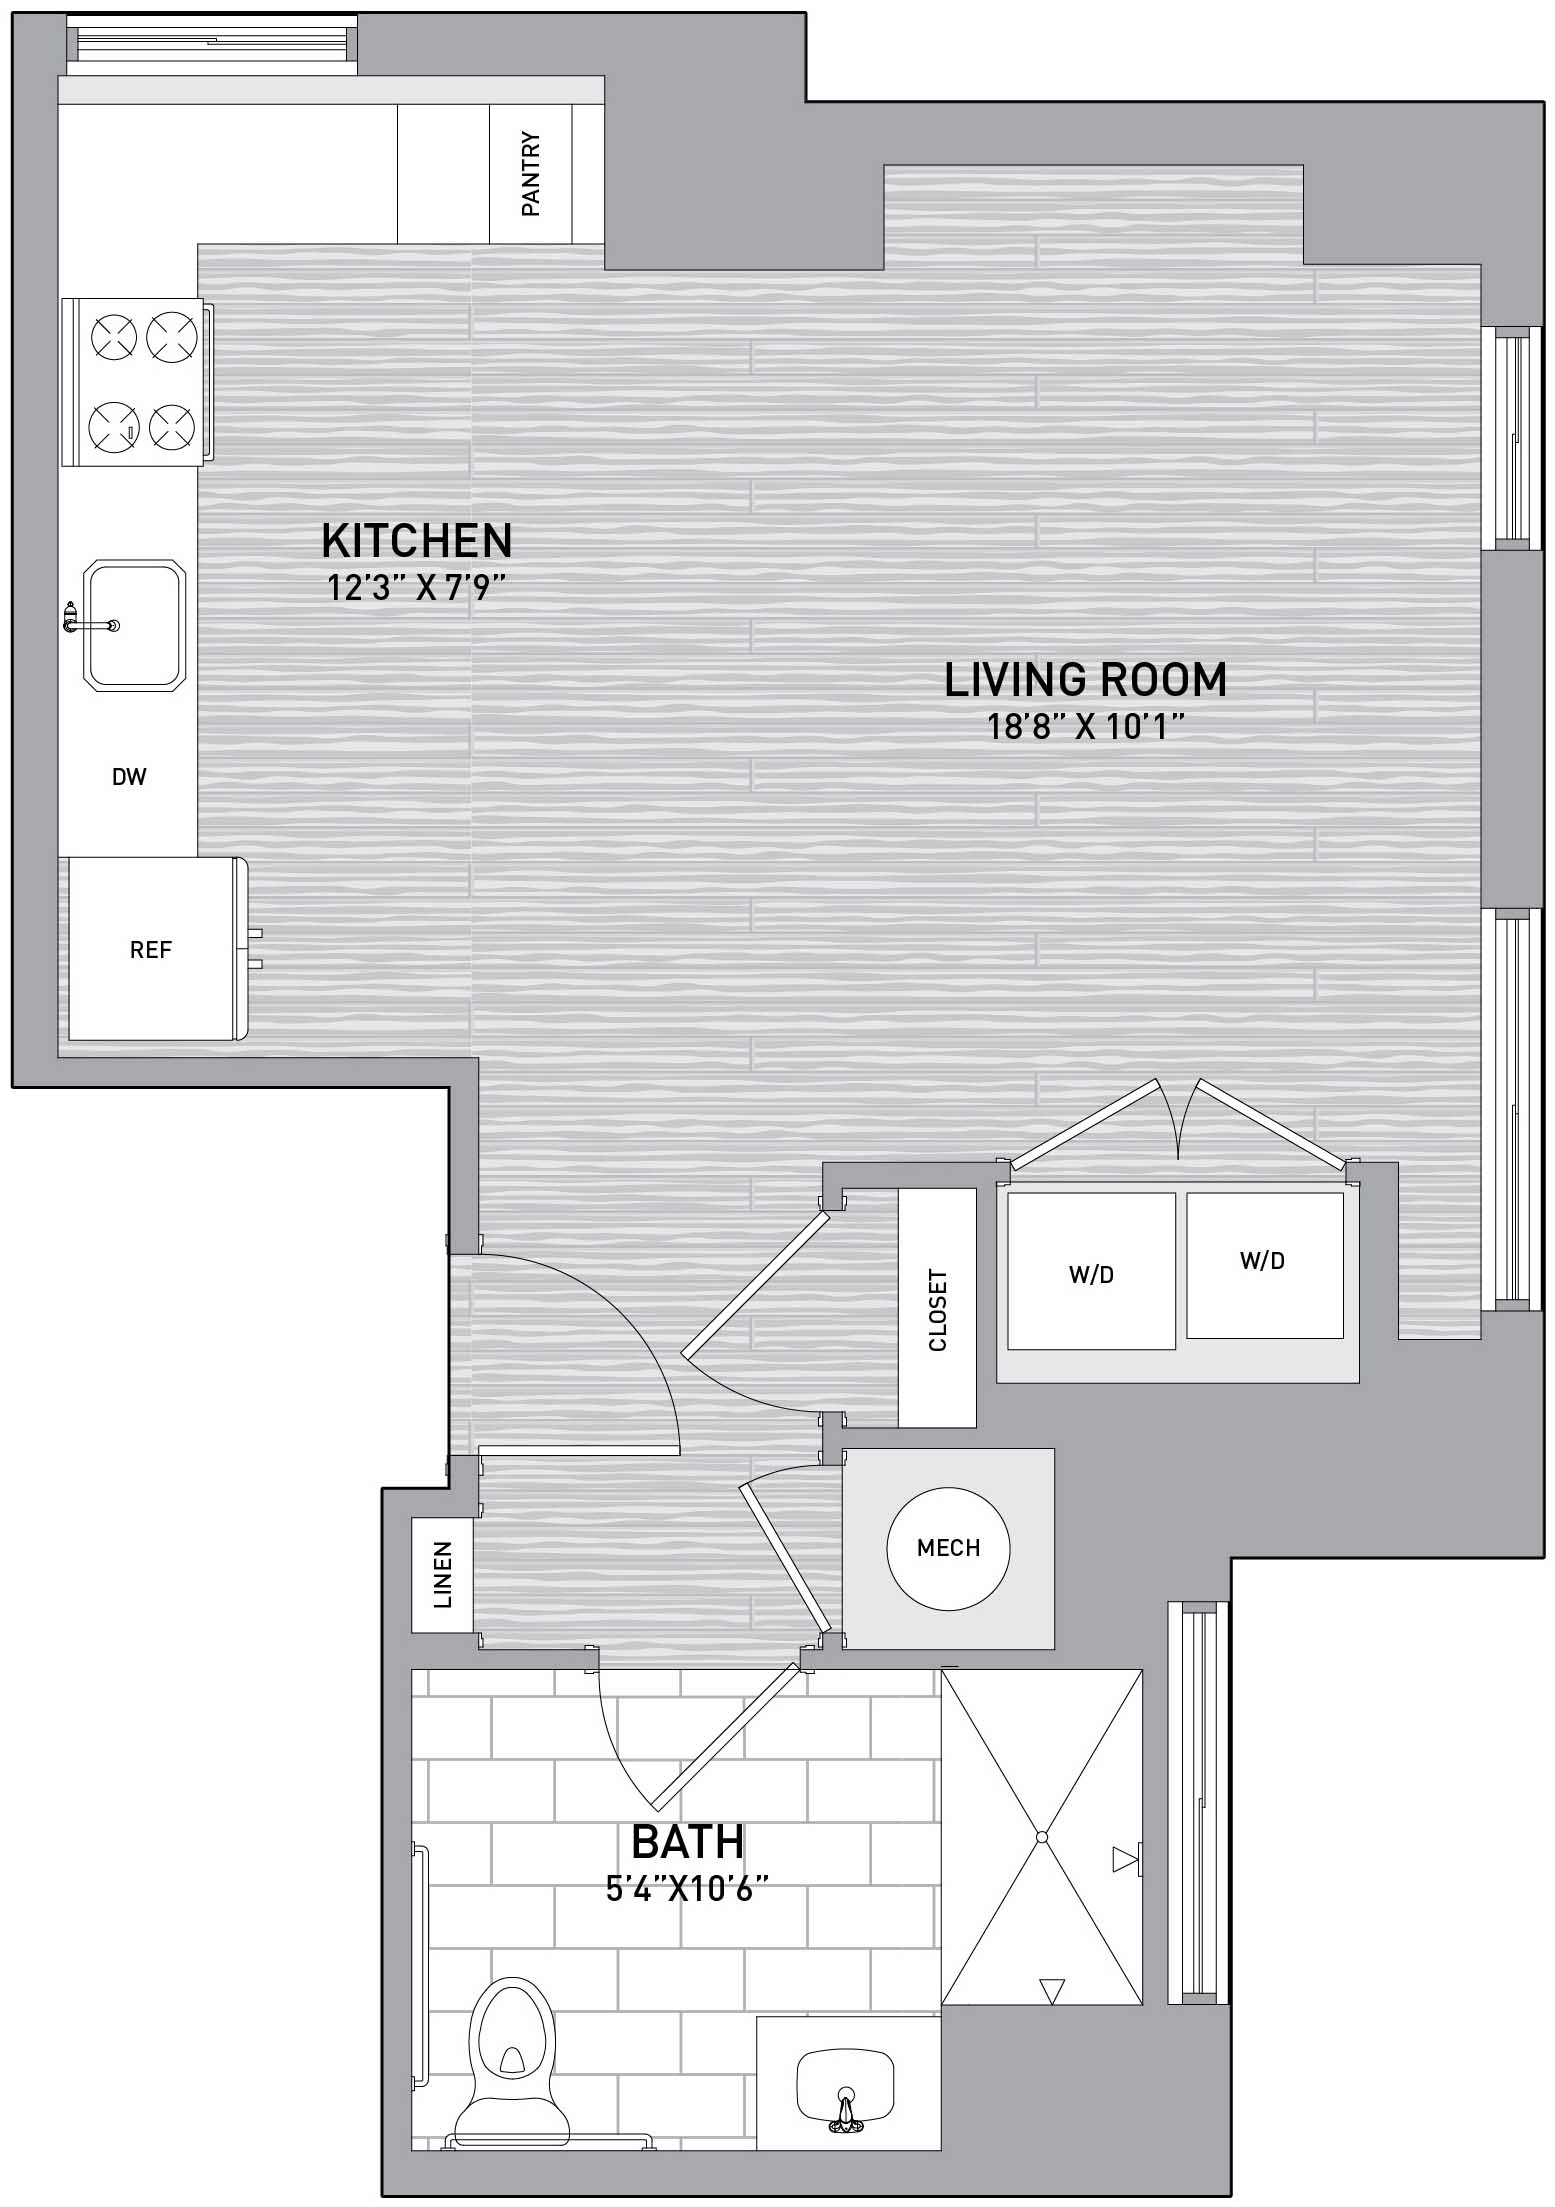 Floorplan Image of unit 151-1201